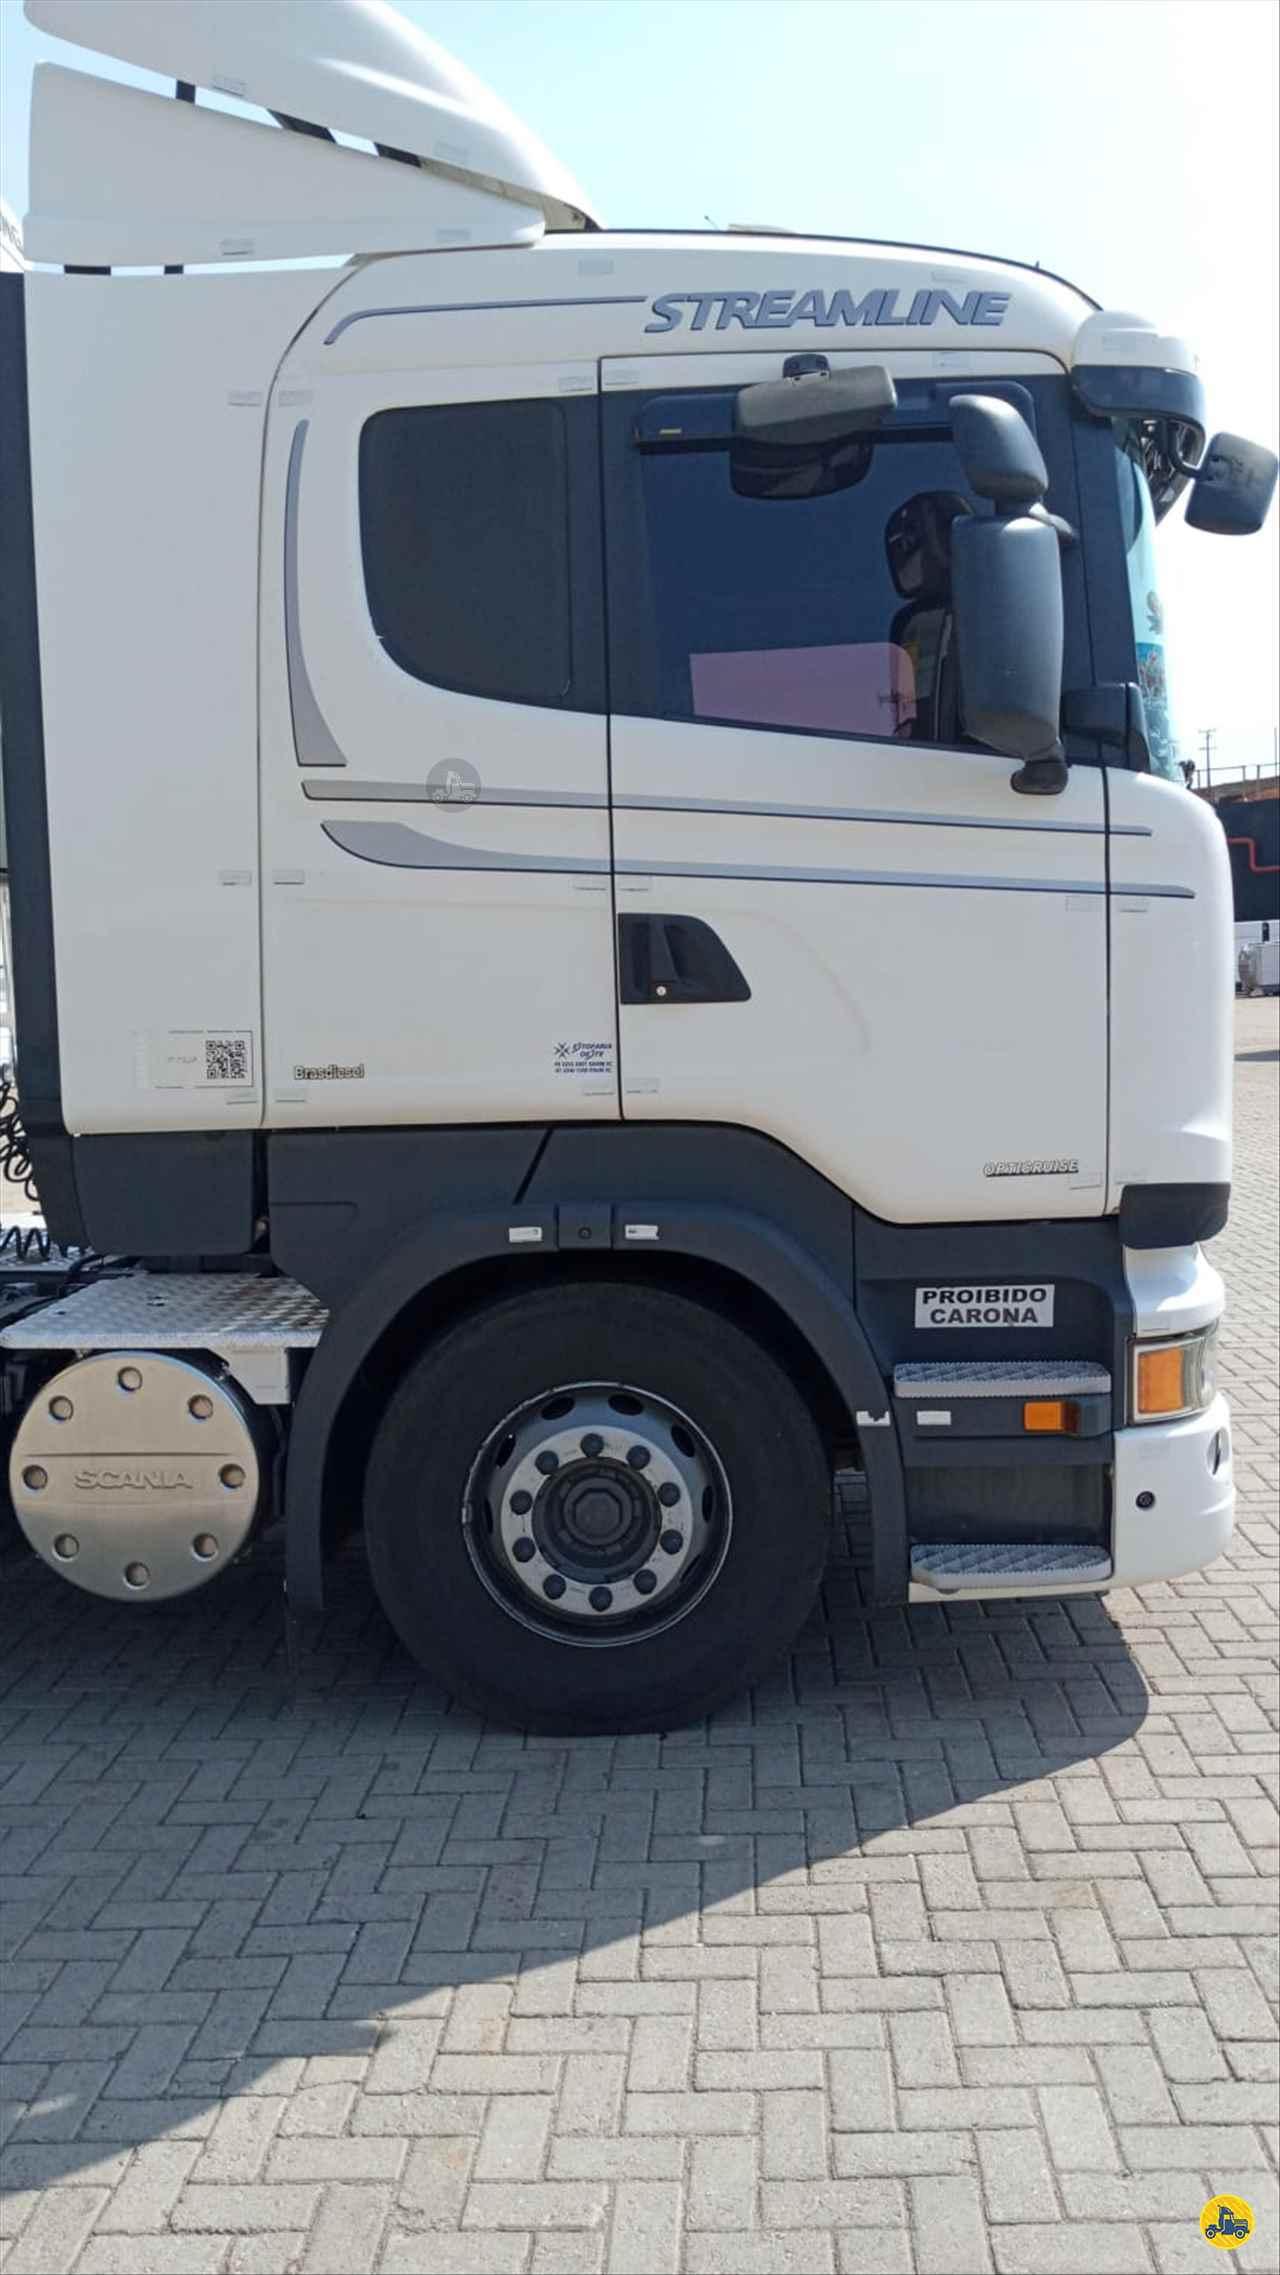 CAMINHAO SCANIA SCANIA 440 Cavalo Mecânico Truck 6x2 Zanon Caminhões e Implementos PASSO FUNDO RIO GRANDE DO SUL RS